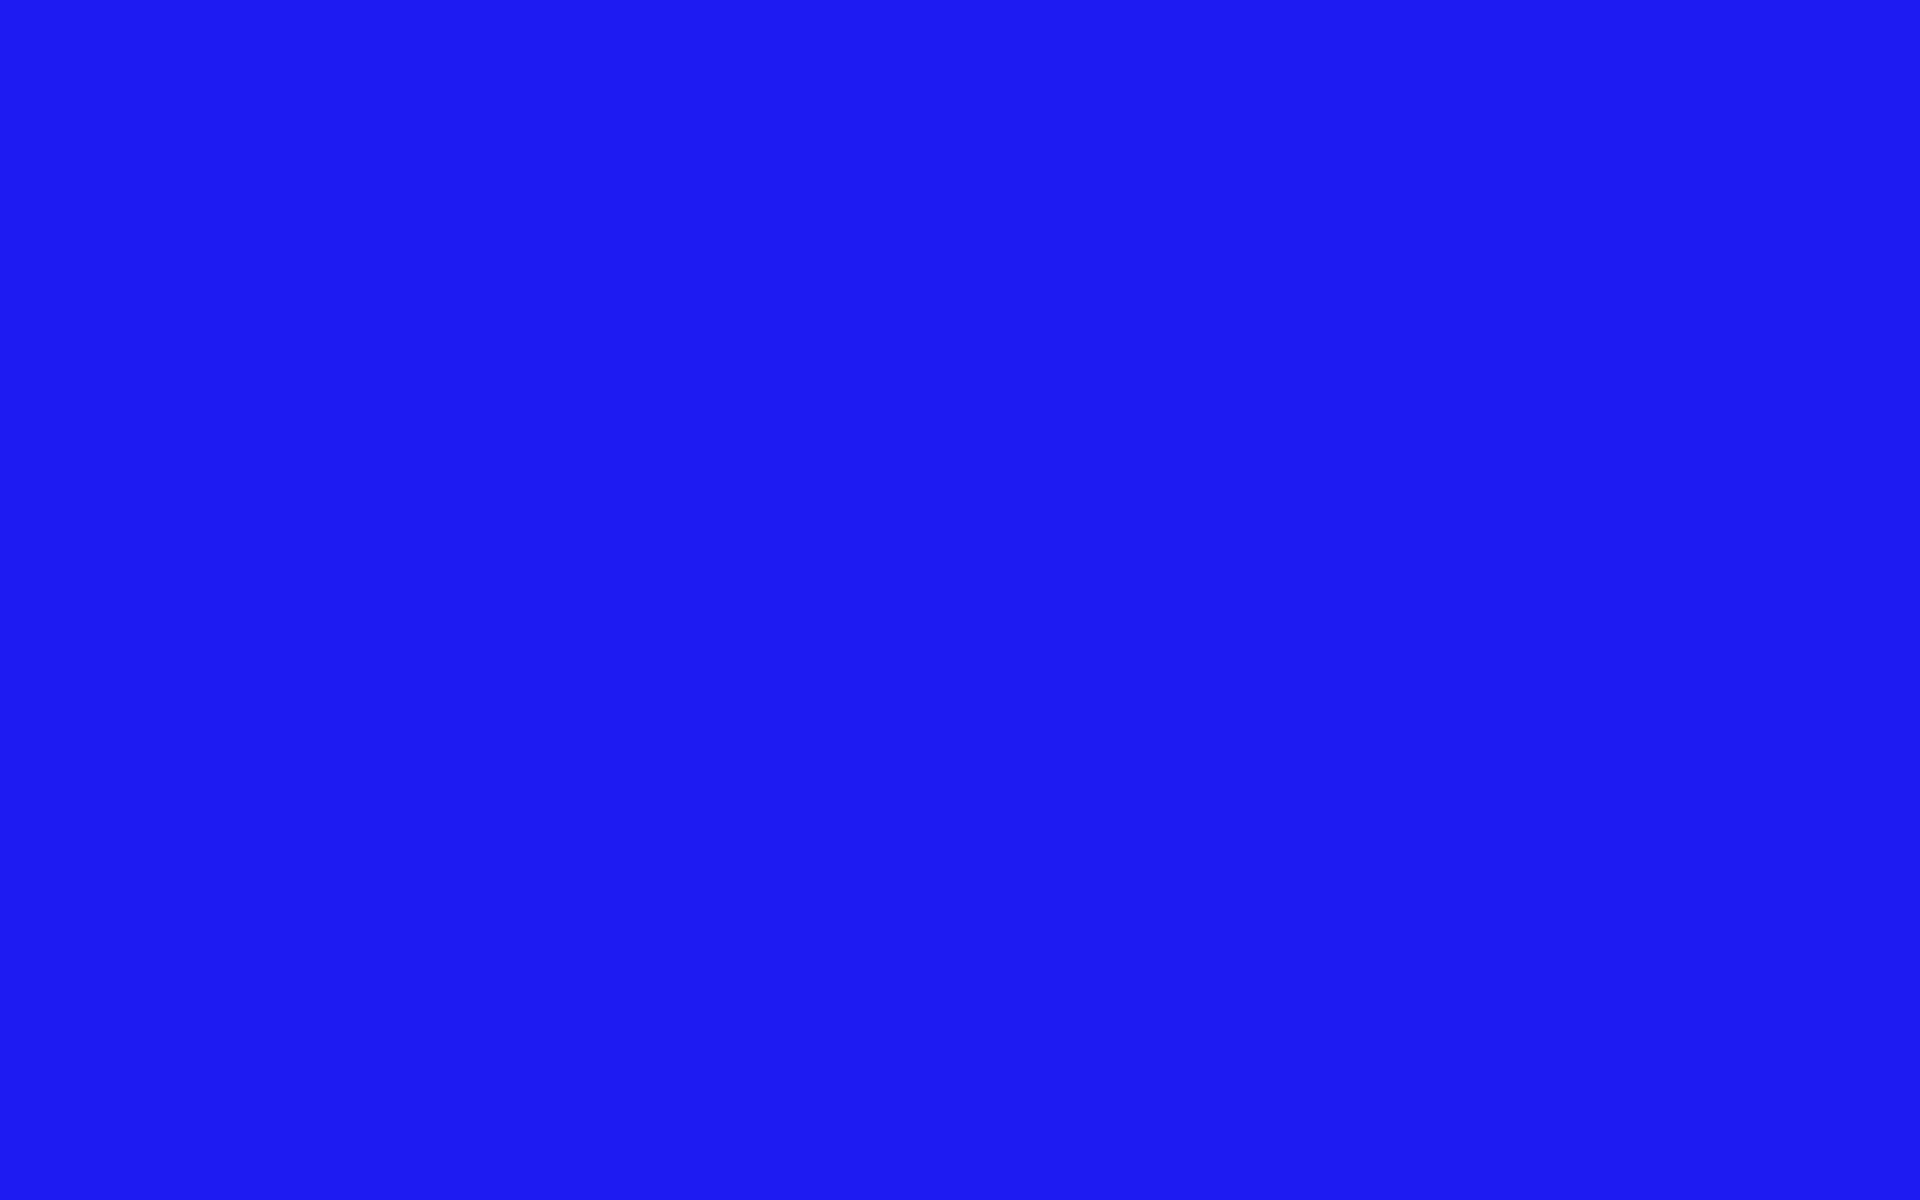 1920x1200 Bluebonnet Solid Color Background